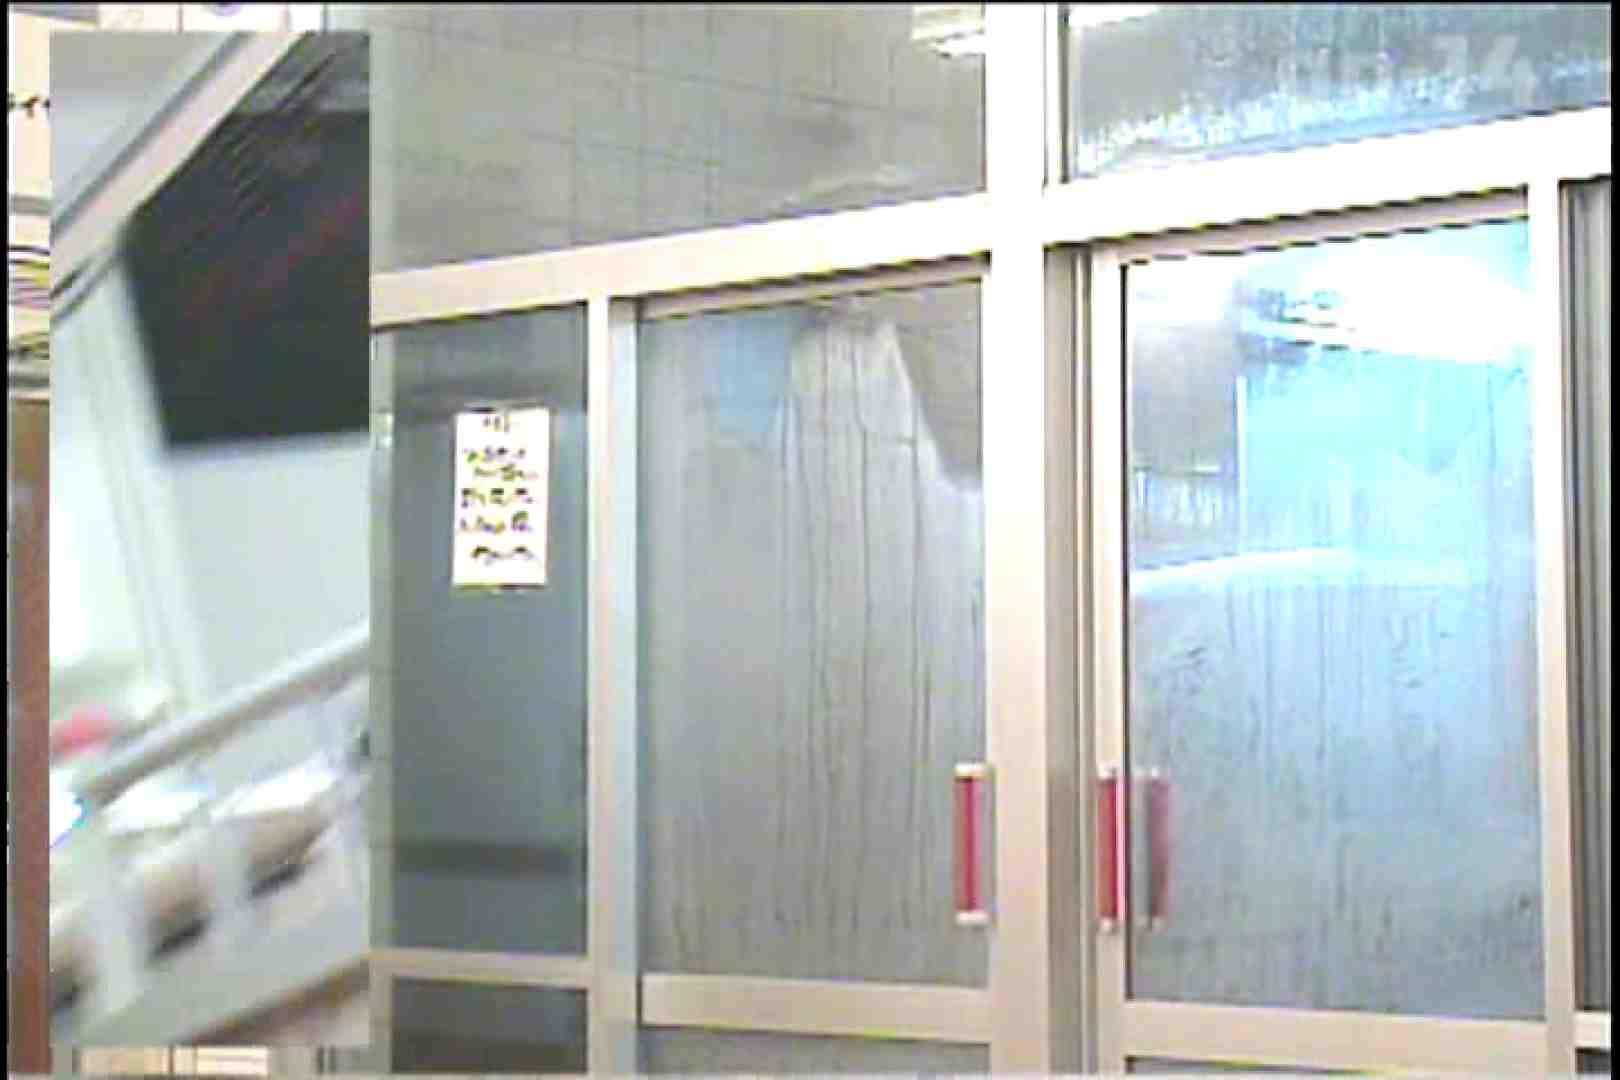 電波カメラ設置浴場からの防HAN映像 Vol.14 盗撮編 われめAV動画紹介 93枚 5